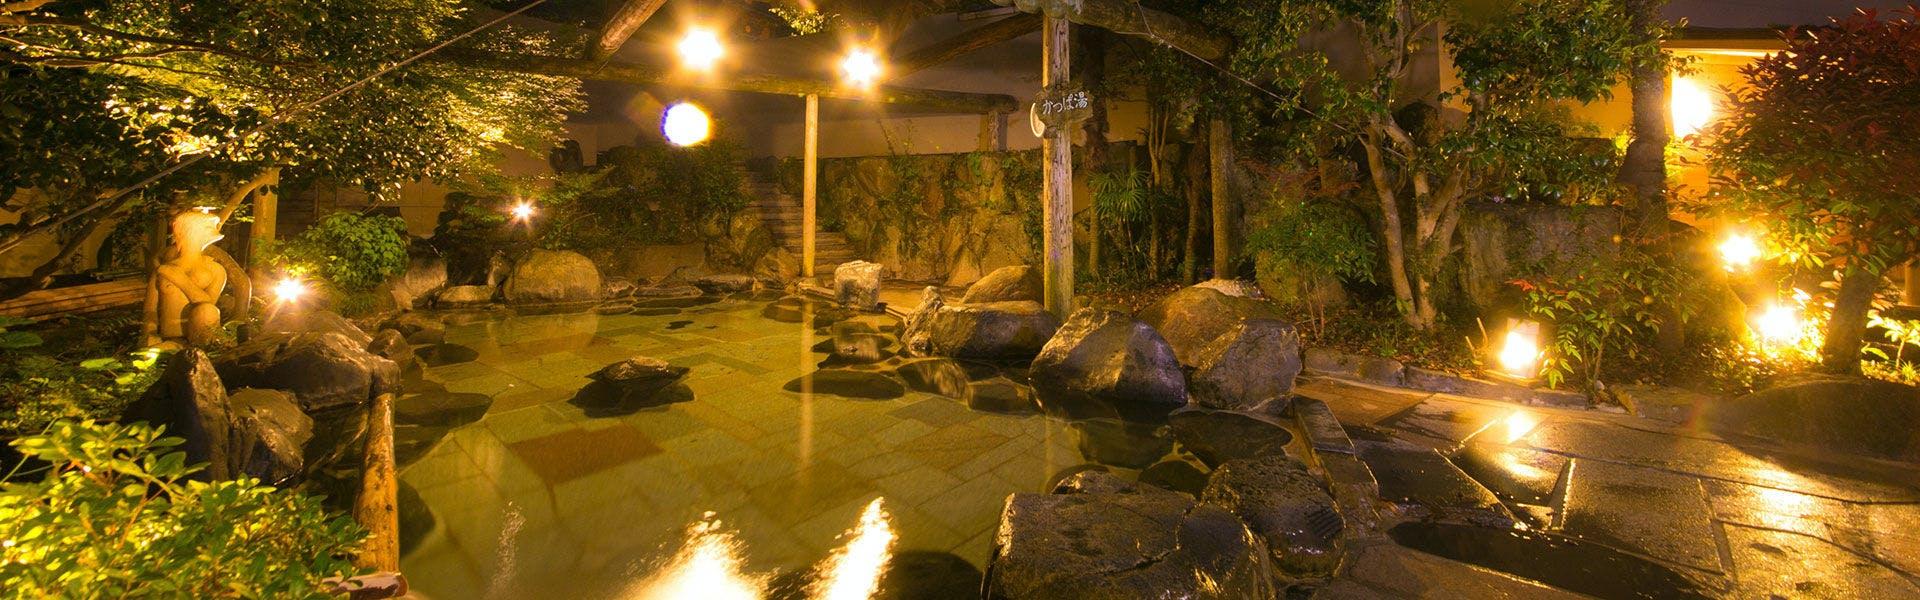 記念日におすすめのホテル・【湯めぐりの宿 楠水閣】の写真3